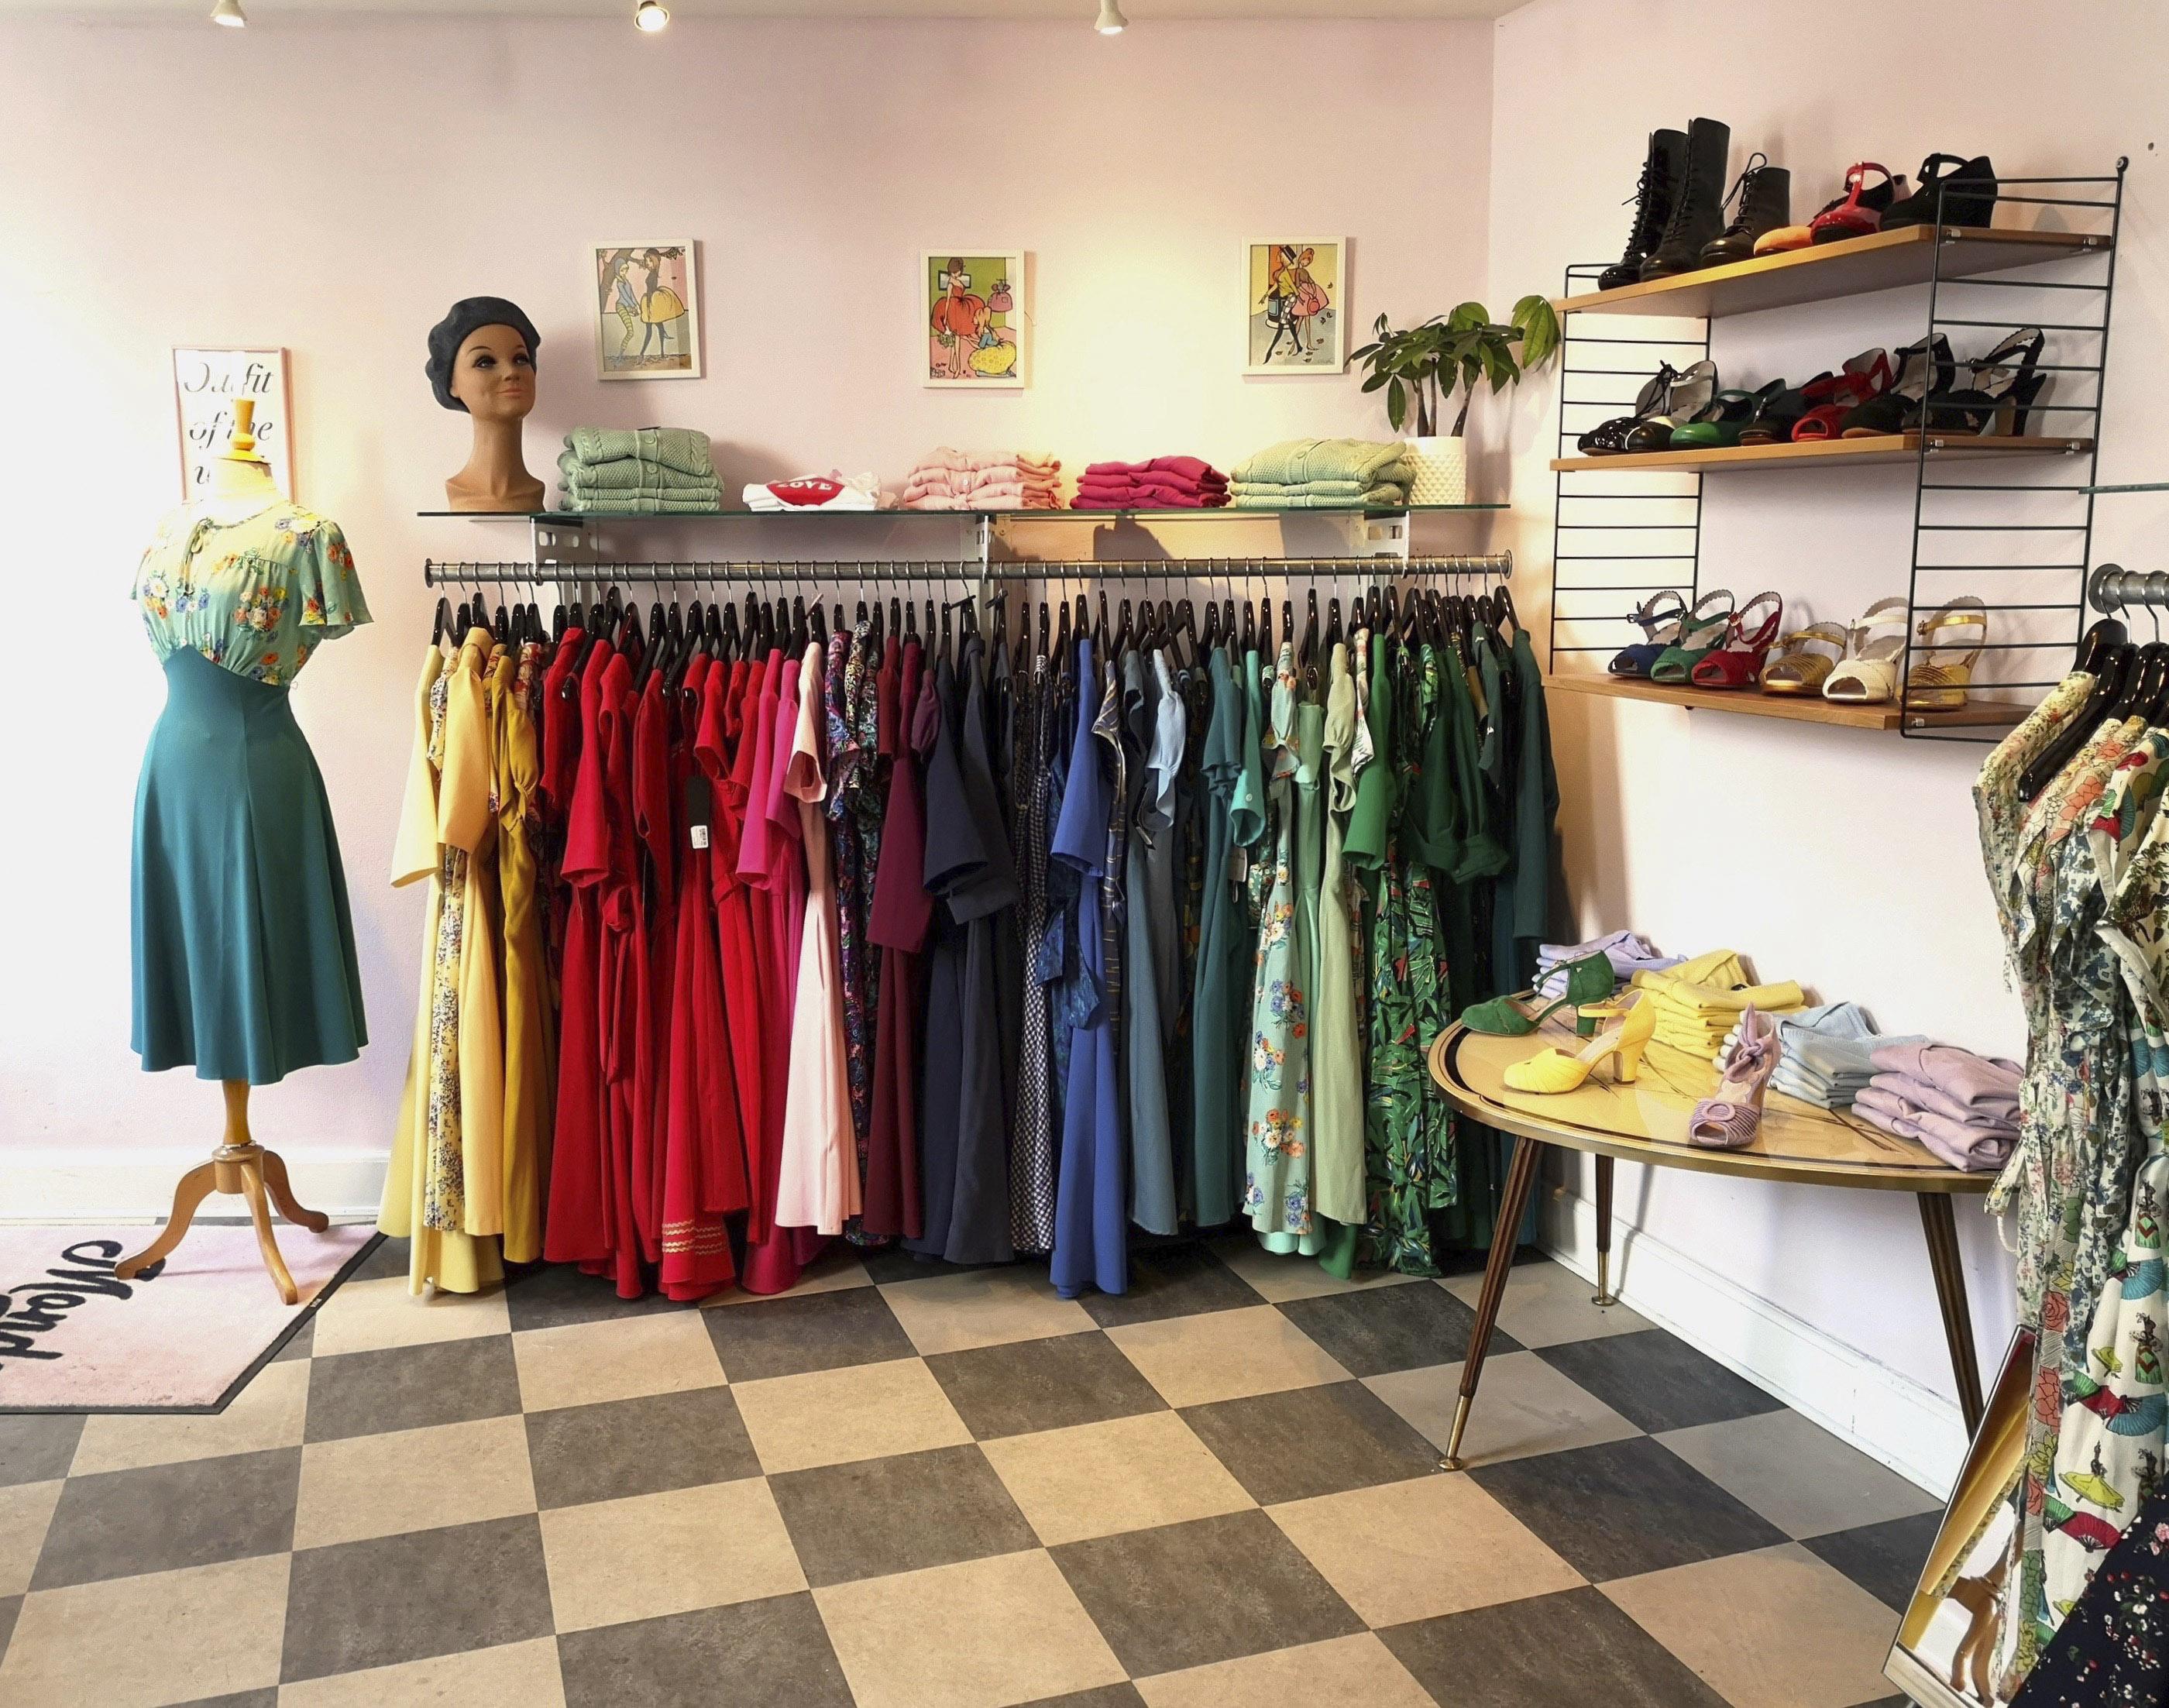 cfce2221d80 Bor man ikke i nærheden, er deres netbutik usædvanligt gennemført og nem at  gå til. Alle kjolerne har omhyggelige mål og beskrivelser, og gode fotos.